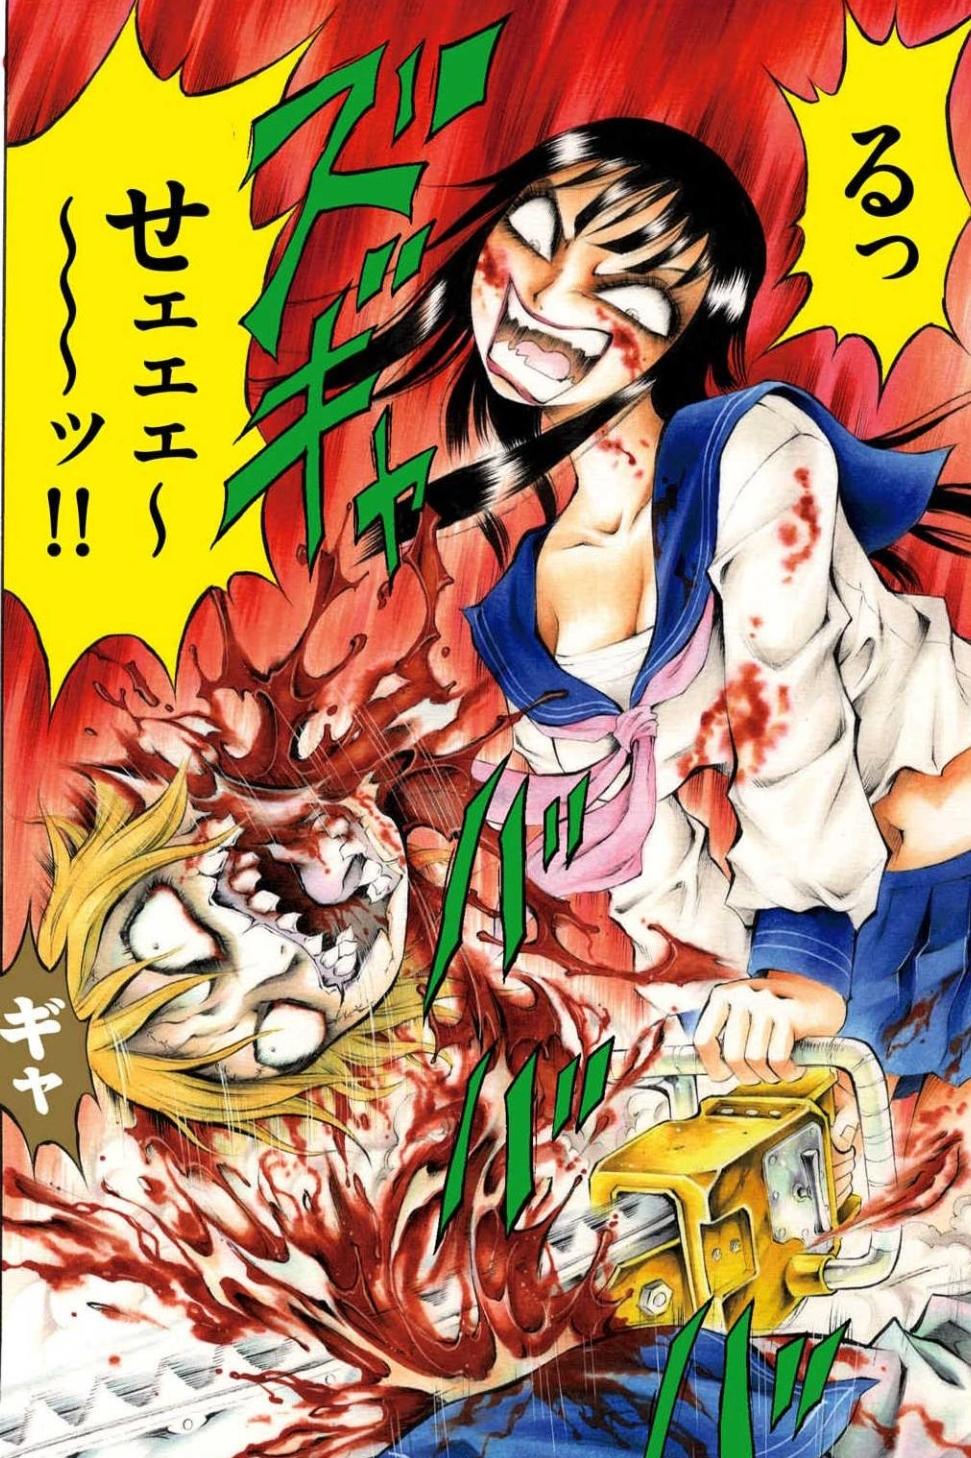 見所:血まみれの死闘が熱い!